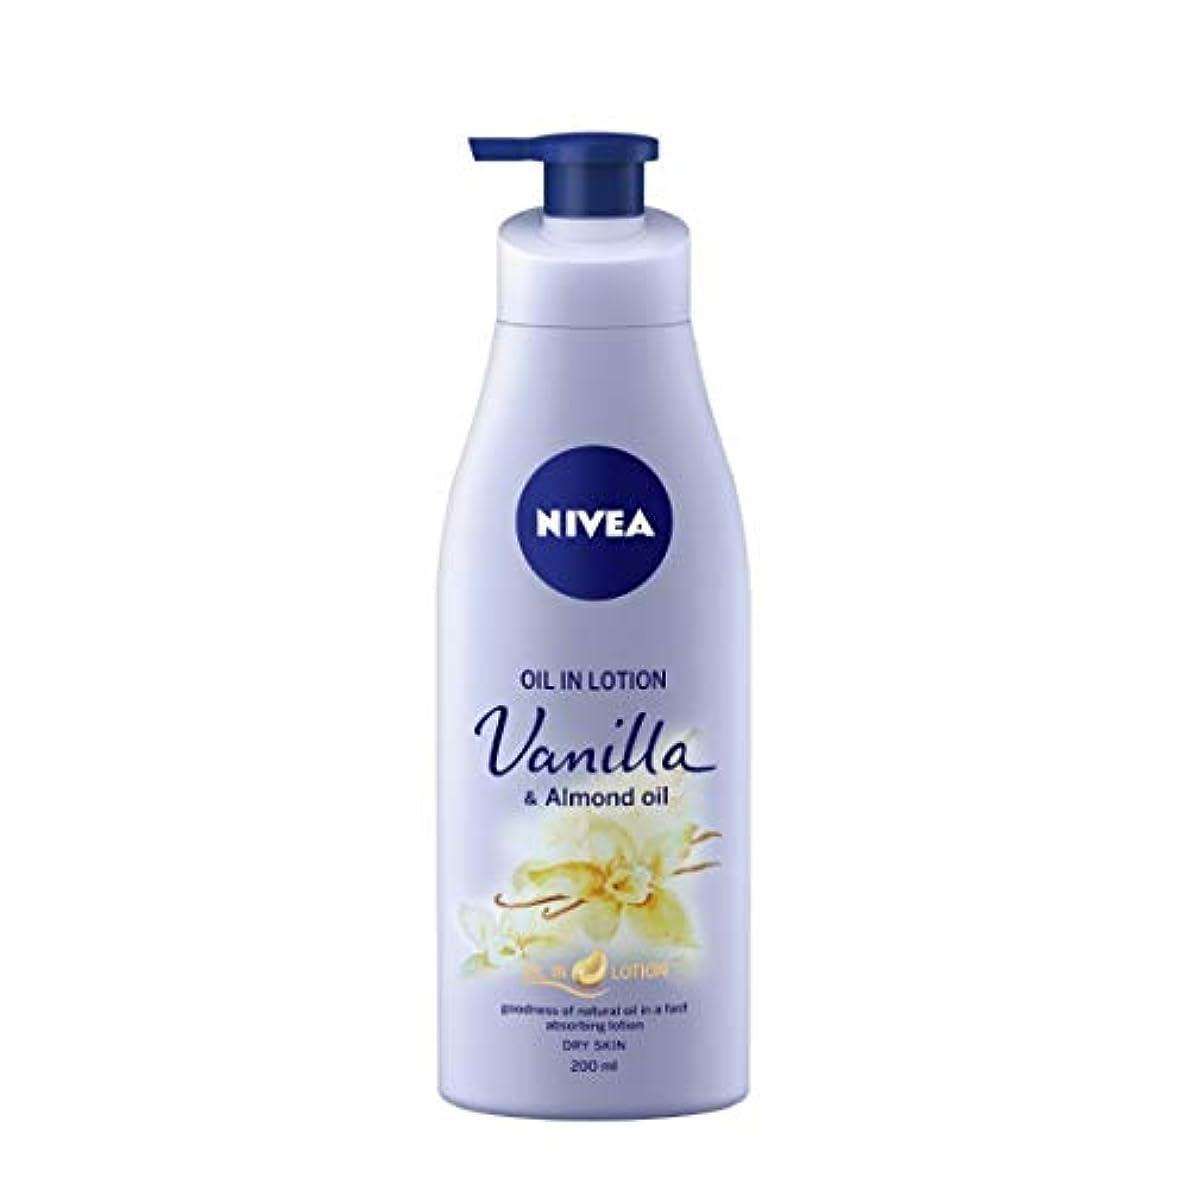 コスチューム樹皮たくさんのNIVEA Oil in Lotion, Vanilla and Almond Oil, 200ml